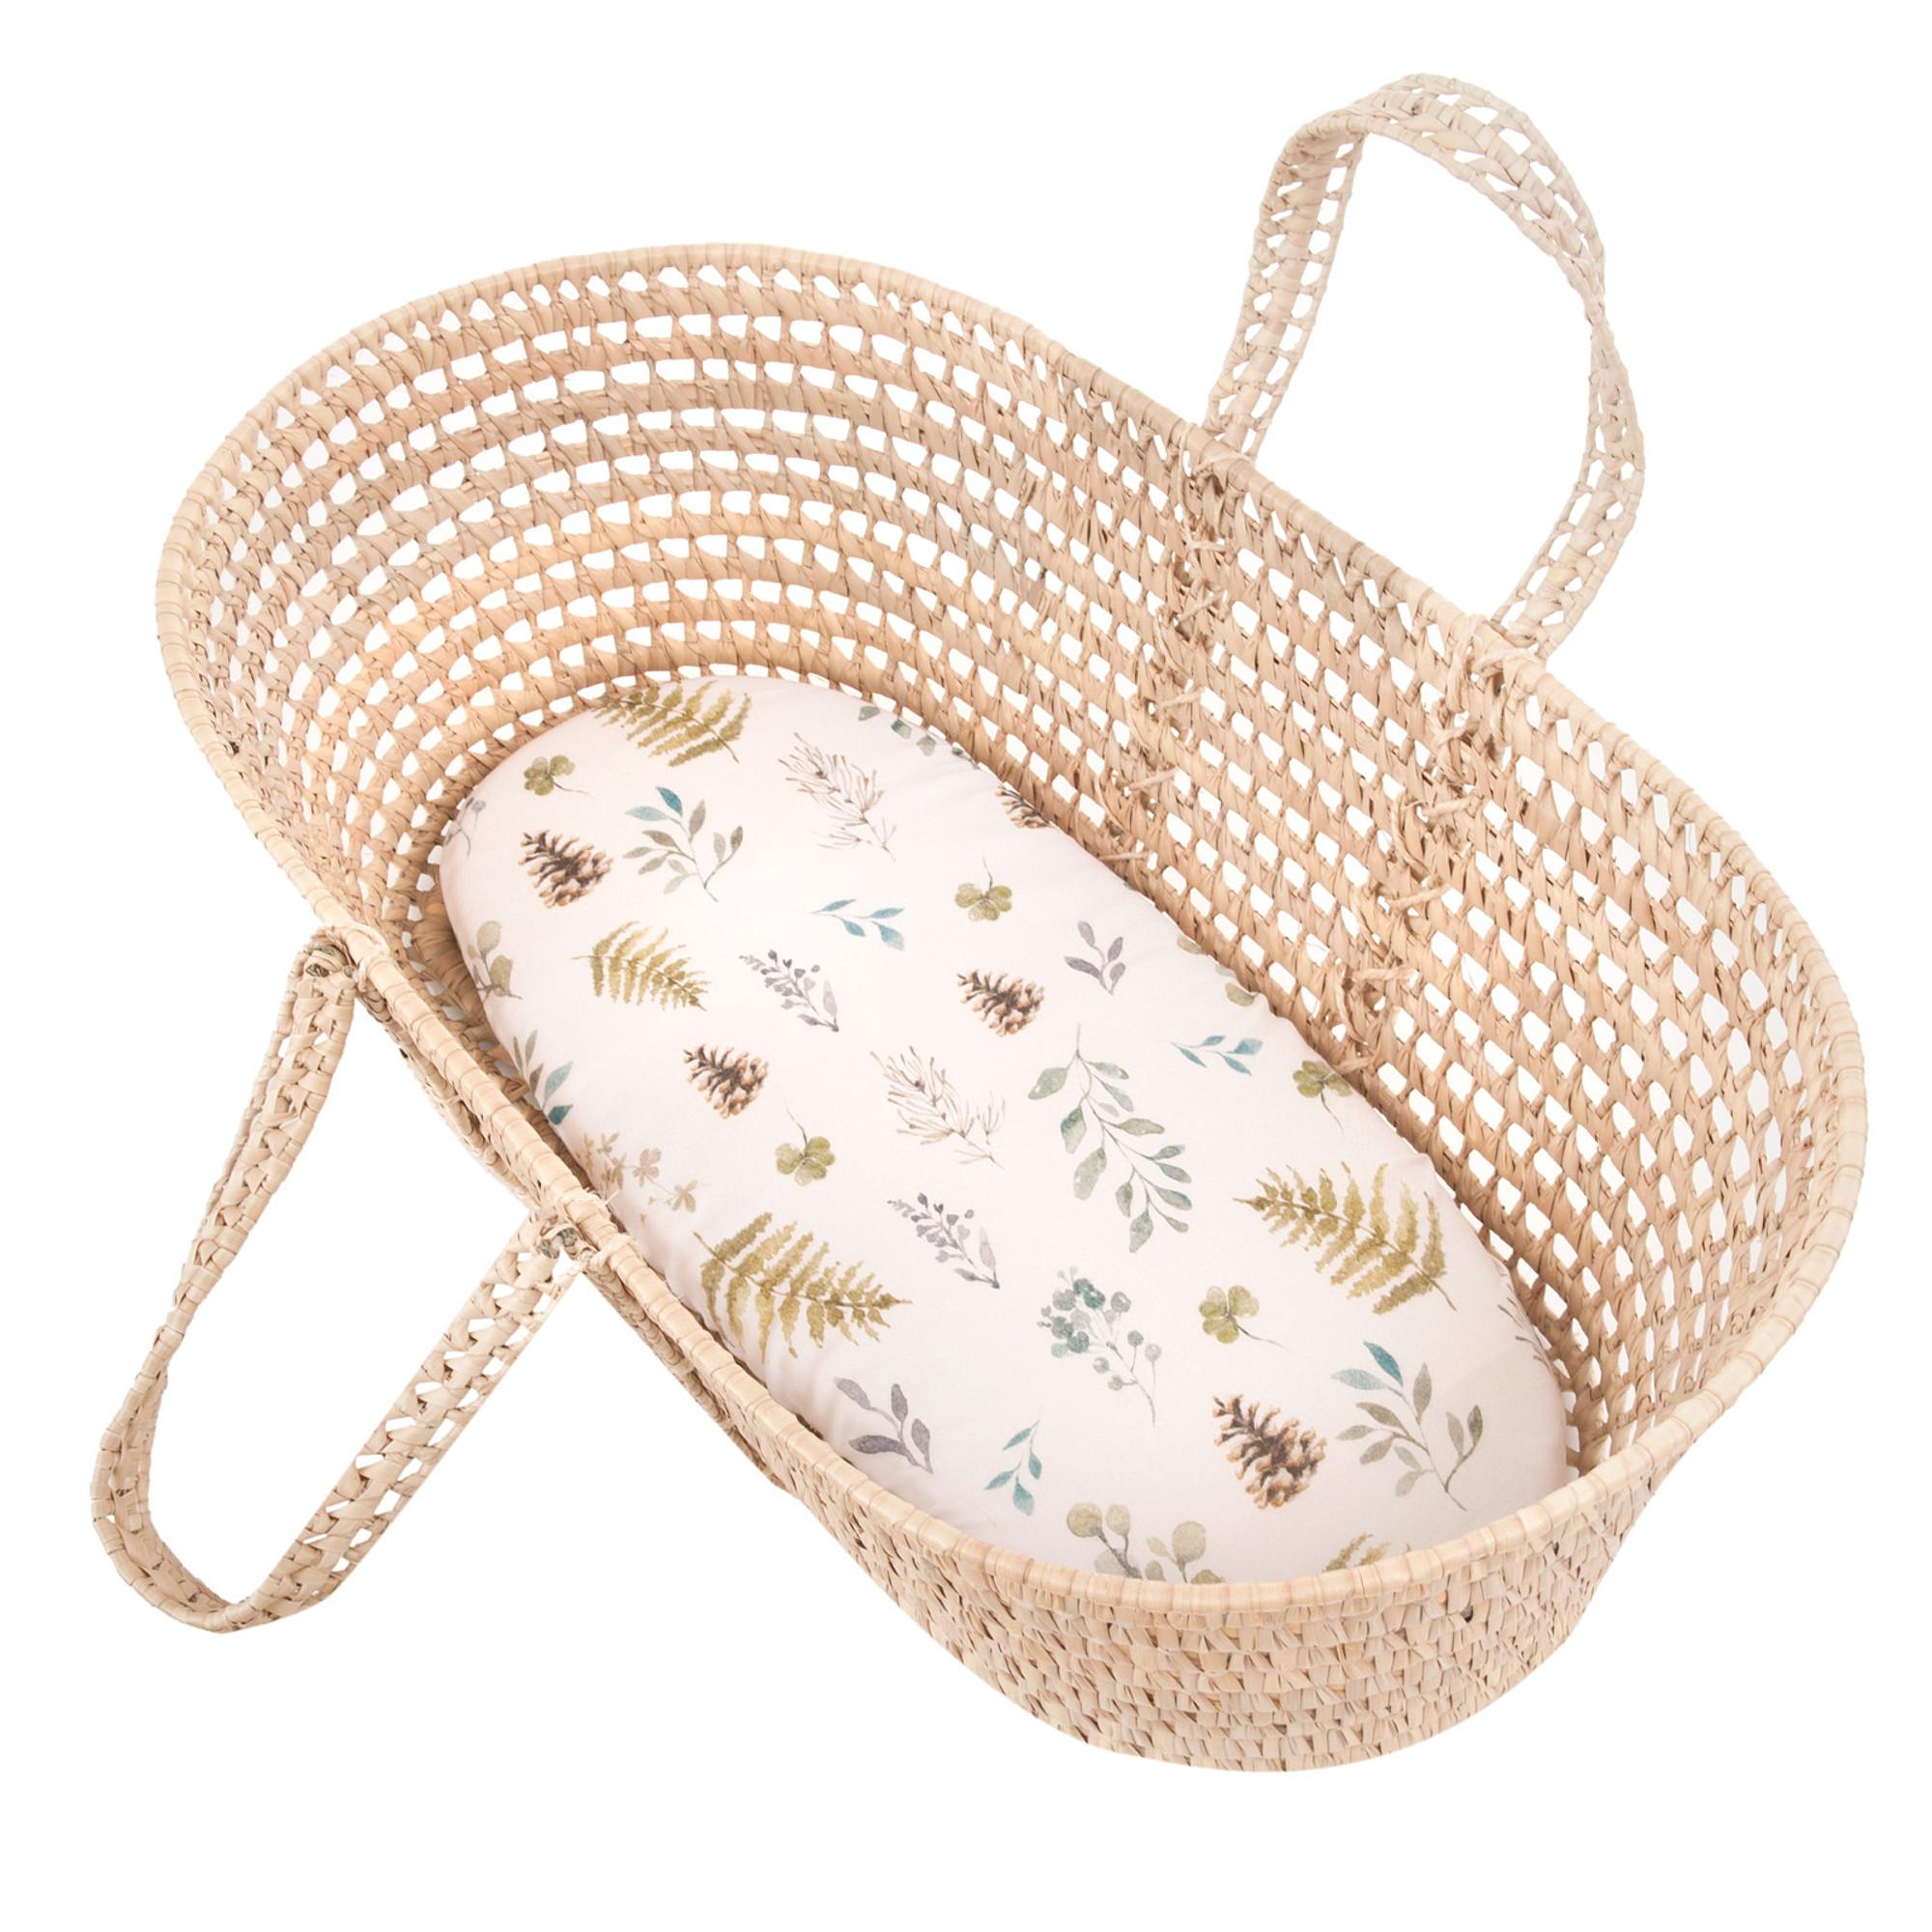 Drap housse couffin ovale en bambou multicolore bébé  Taille unique